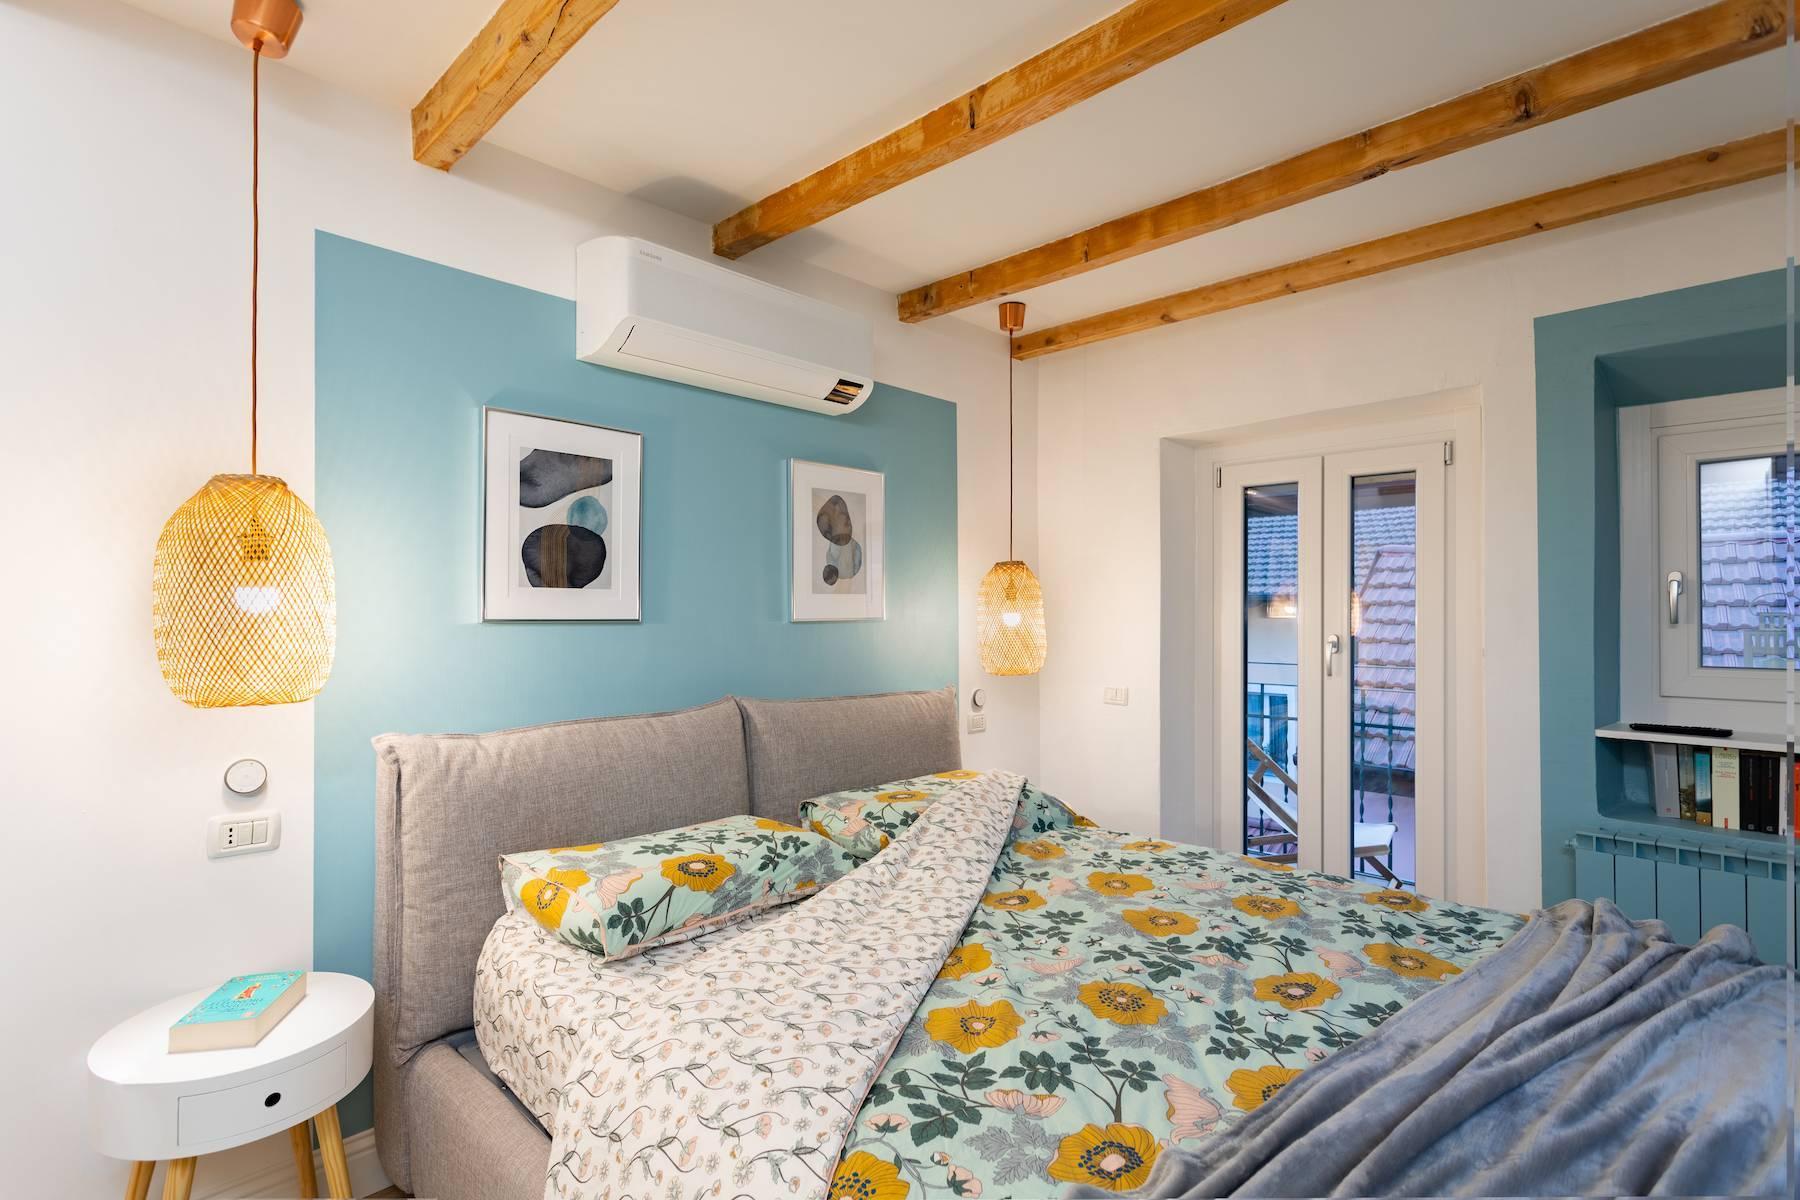 Appartamento accogliente a Belgirate con vista sul Lago Maggiore - 16